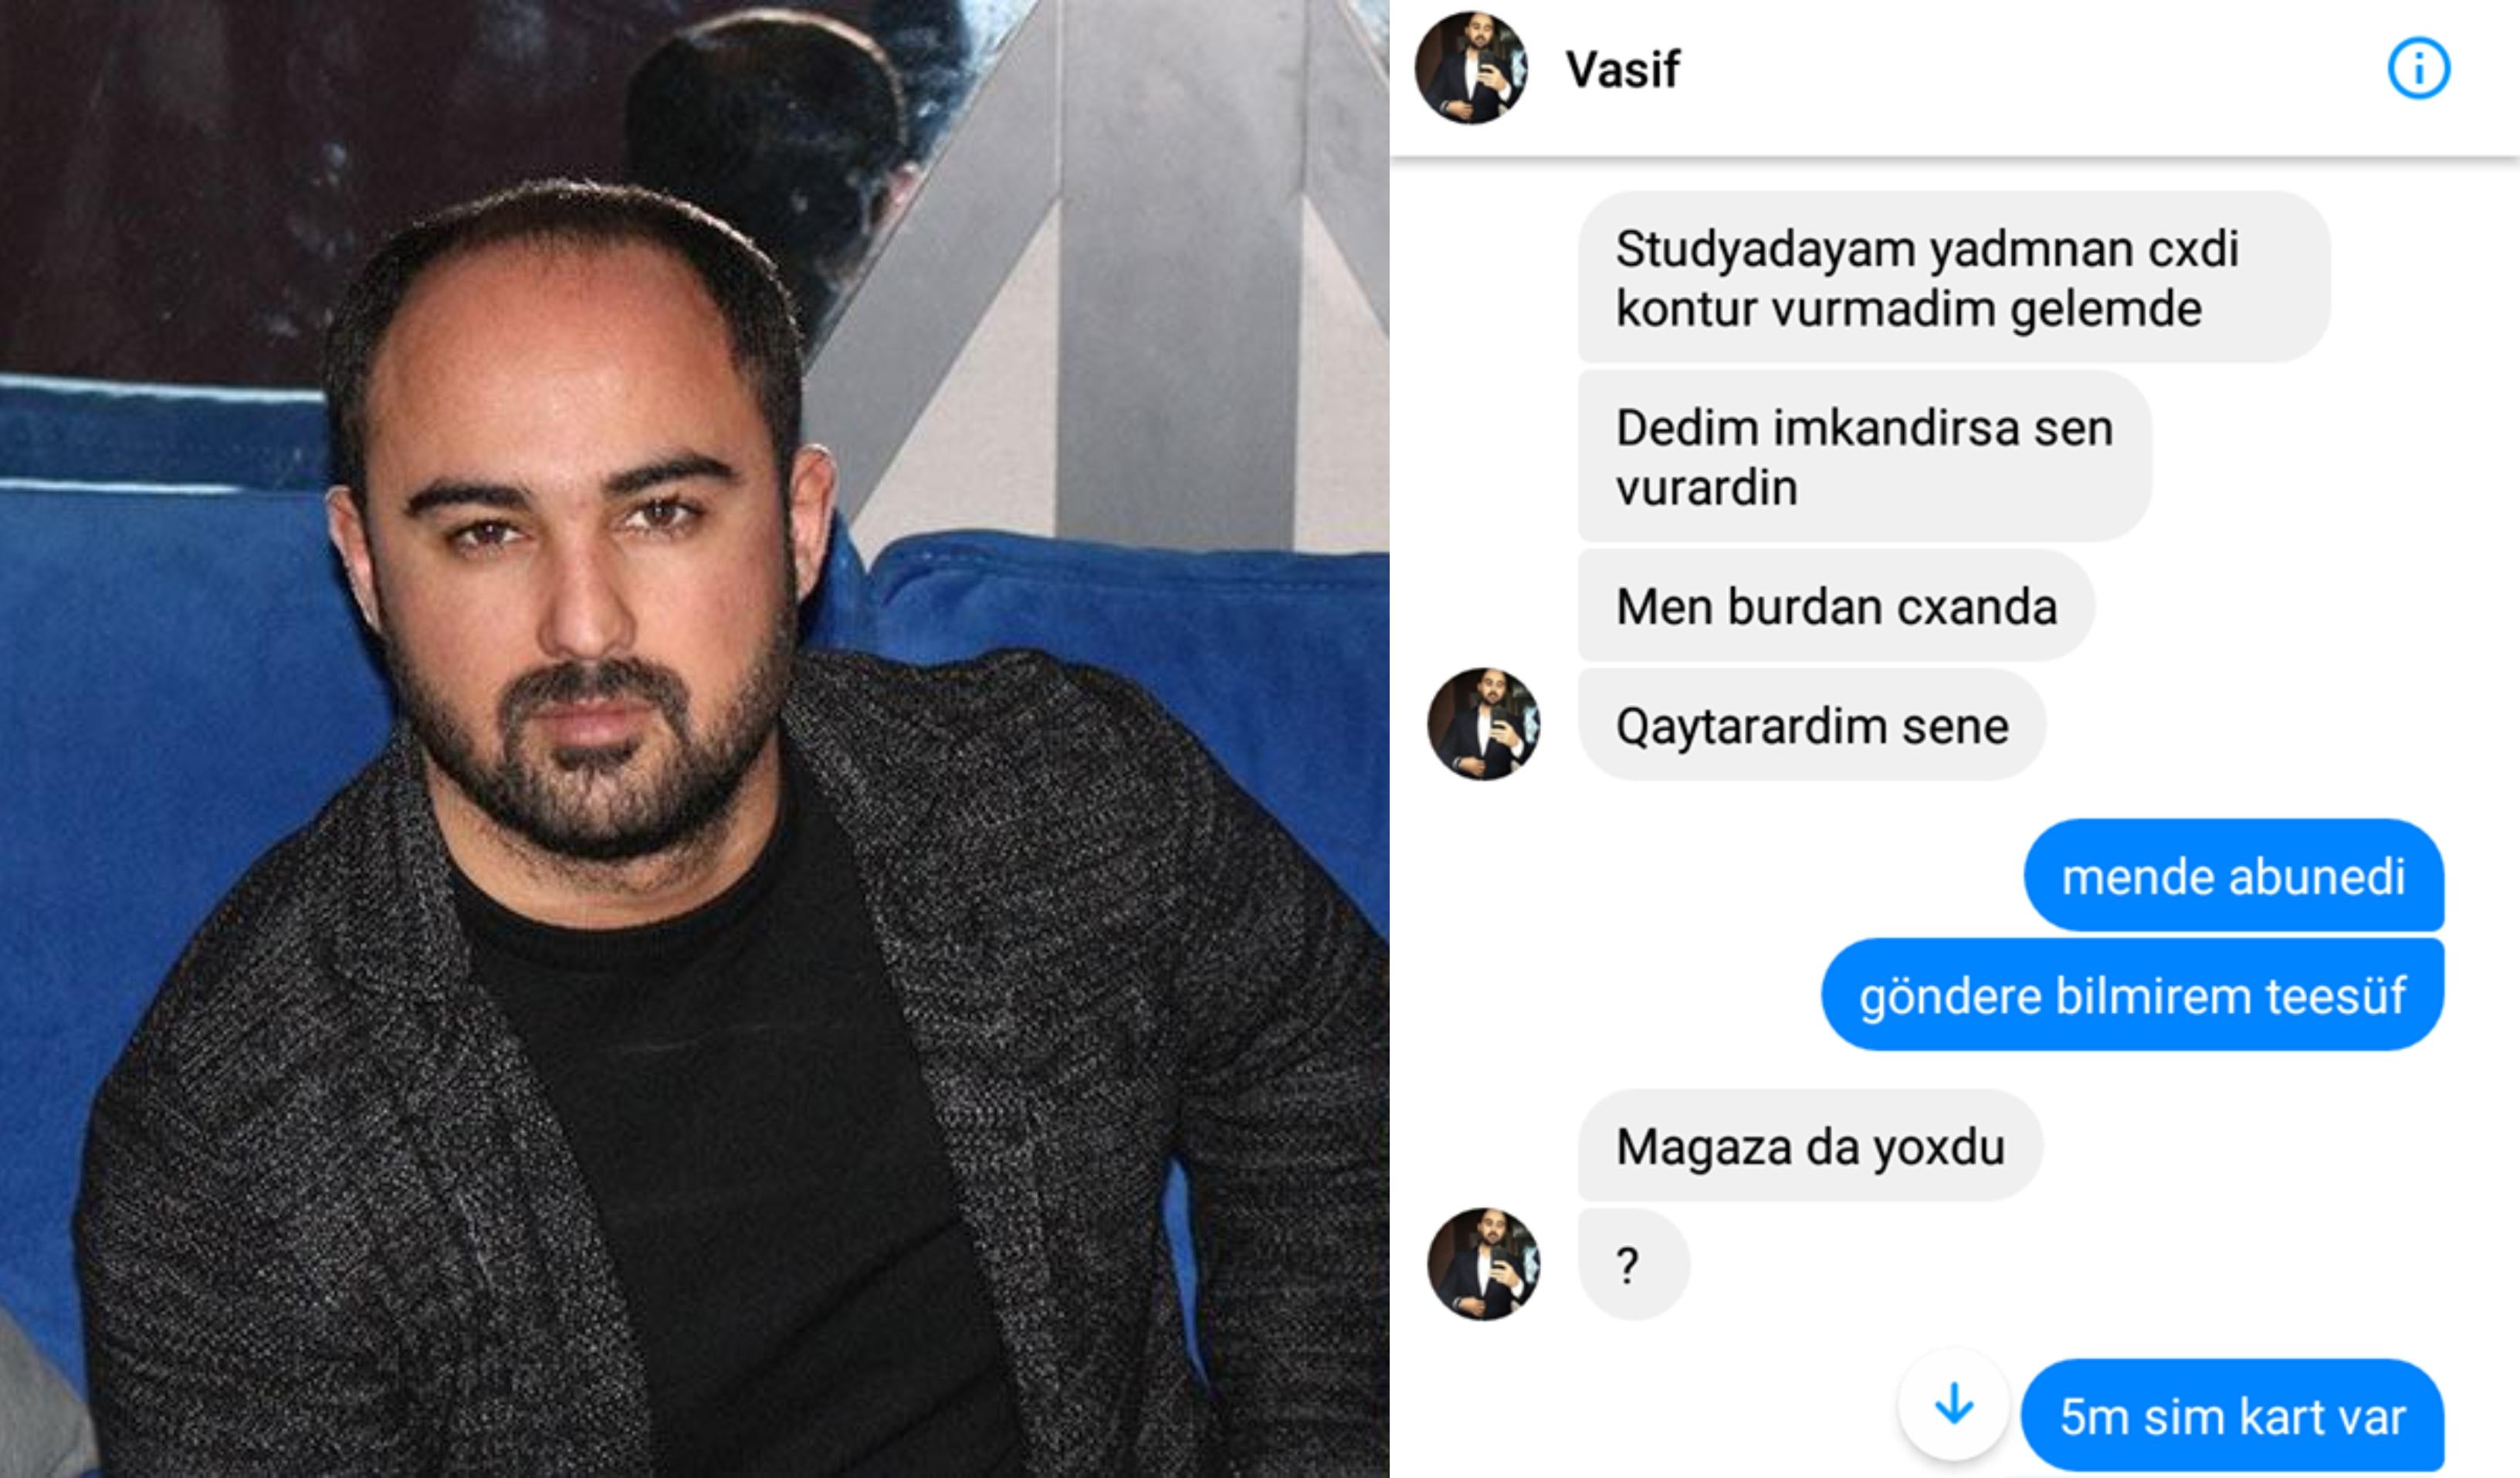 """Vasif Əzimov xanımlara """"podxod"""" edib, kontur istəyib? – FOTOLAR"""